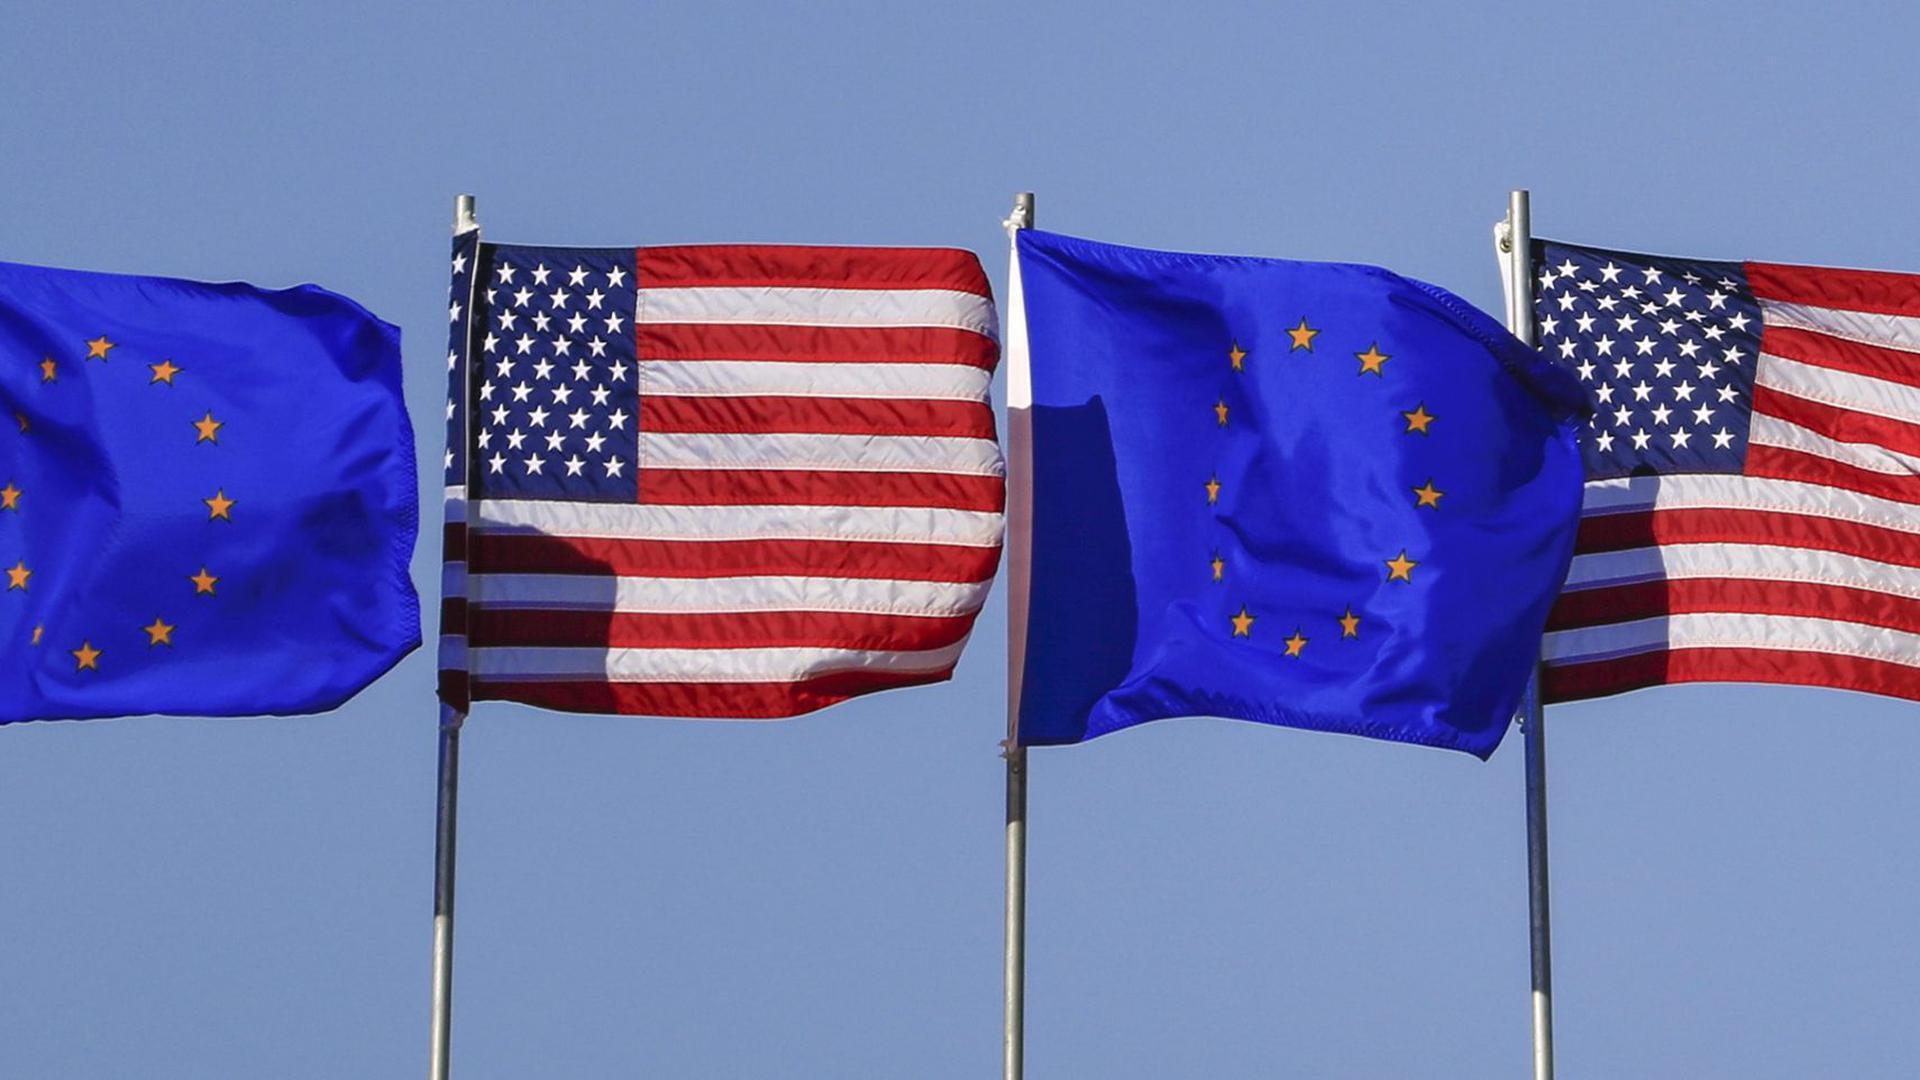 US und EU-Fahnen. Das DIWfordert eine Initiative für ein neues Freihandelsabkommen mit den USA.